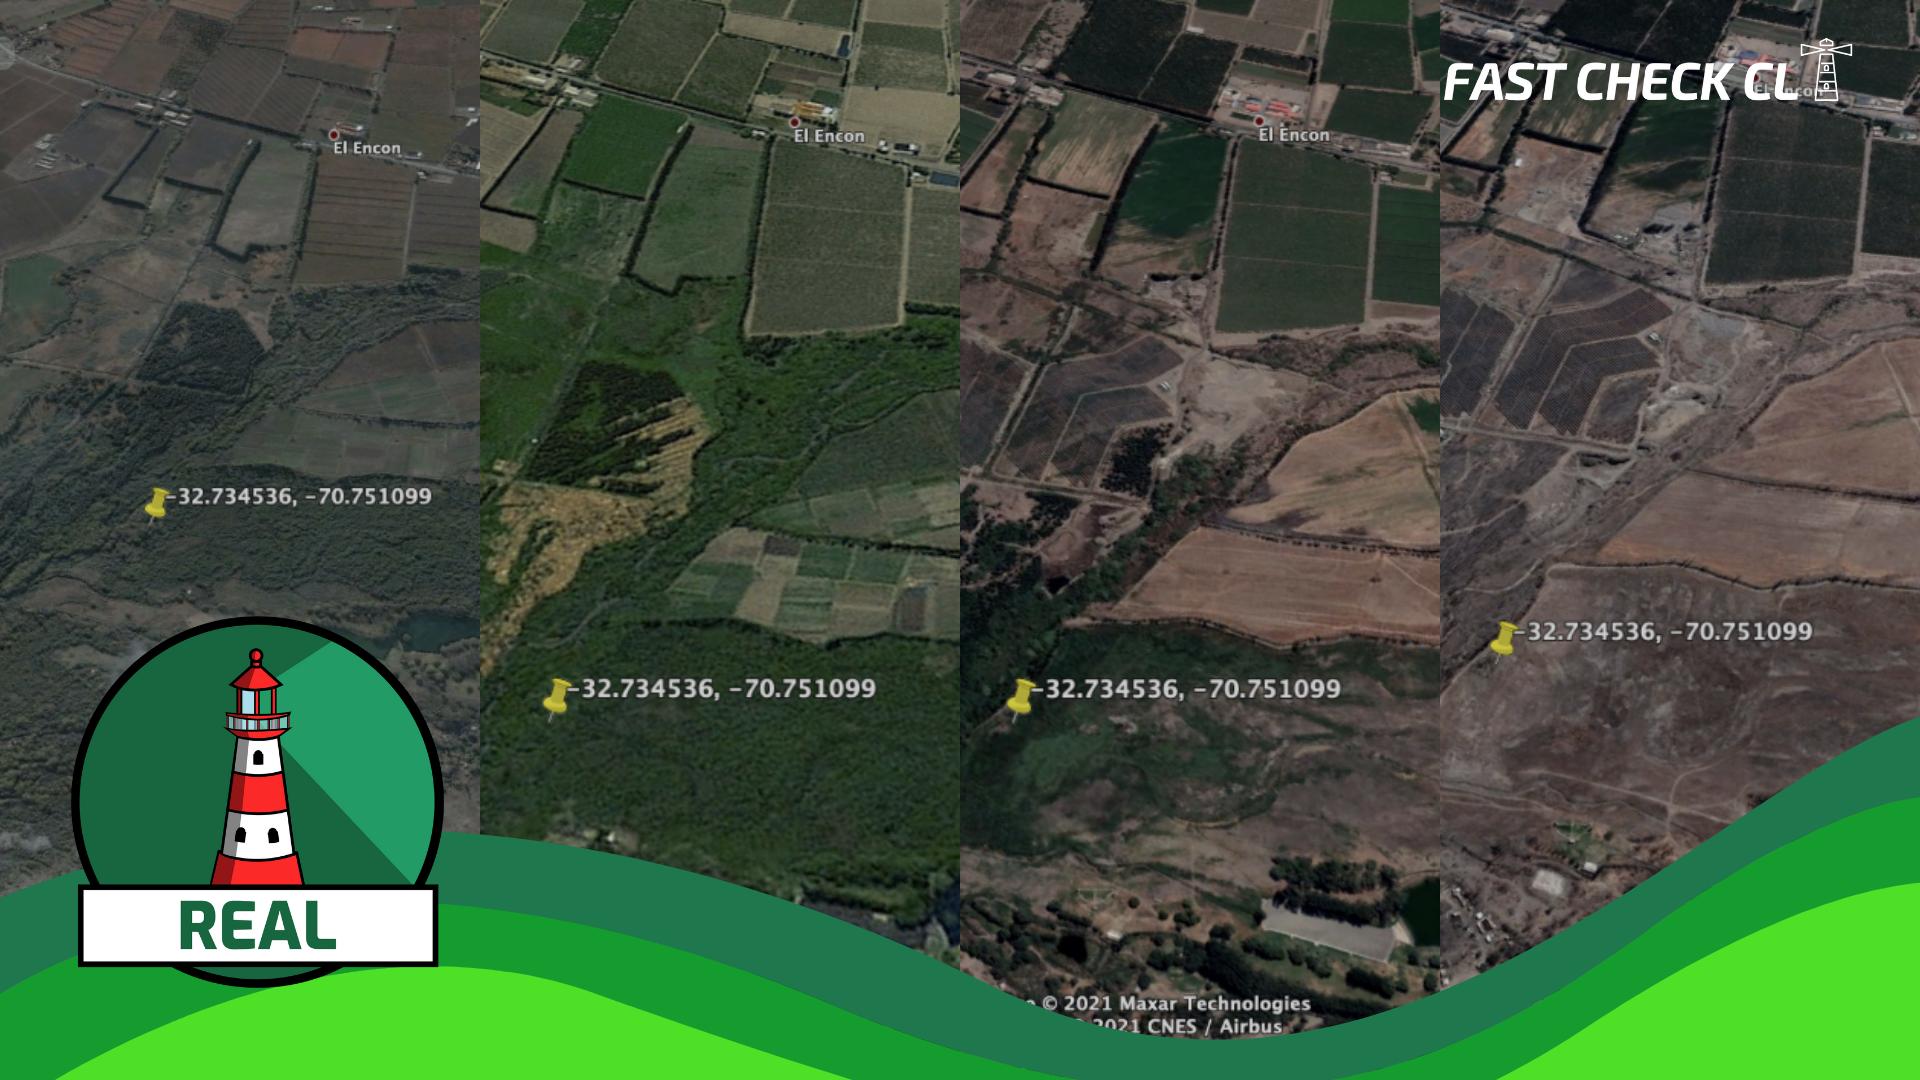 (Imagen) Fotos comparativas de Google Maps muestran sequía en algunos sectores de San Felipe: #Real